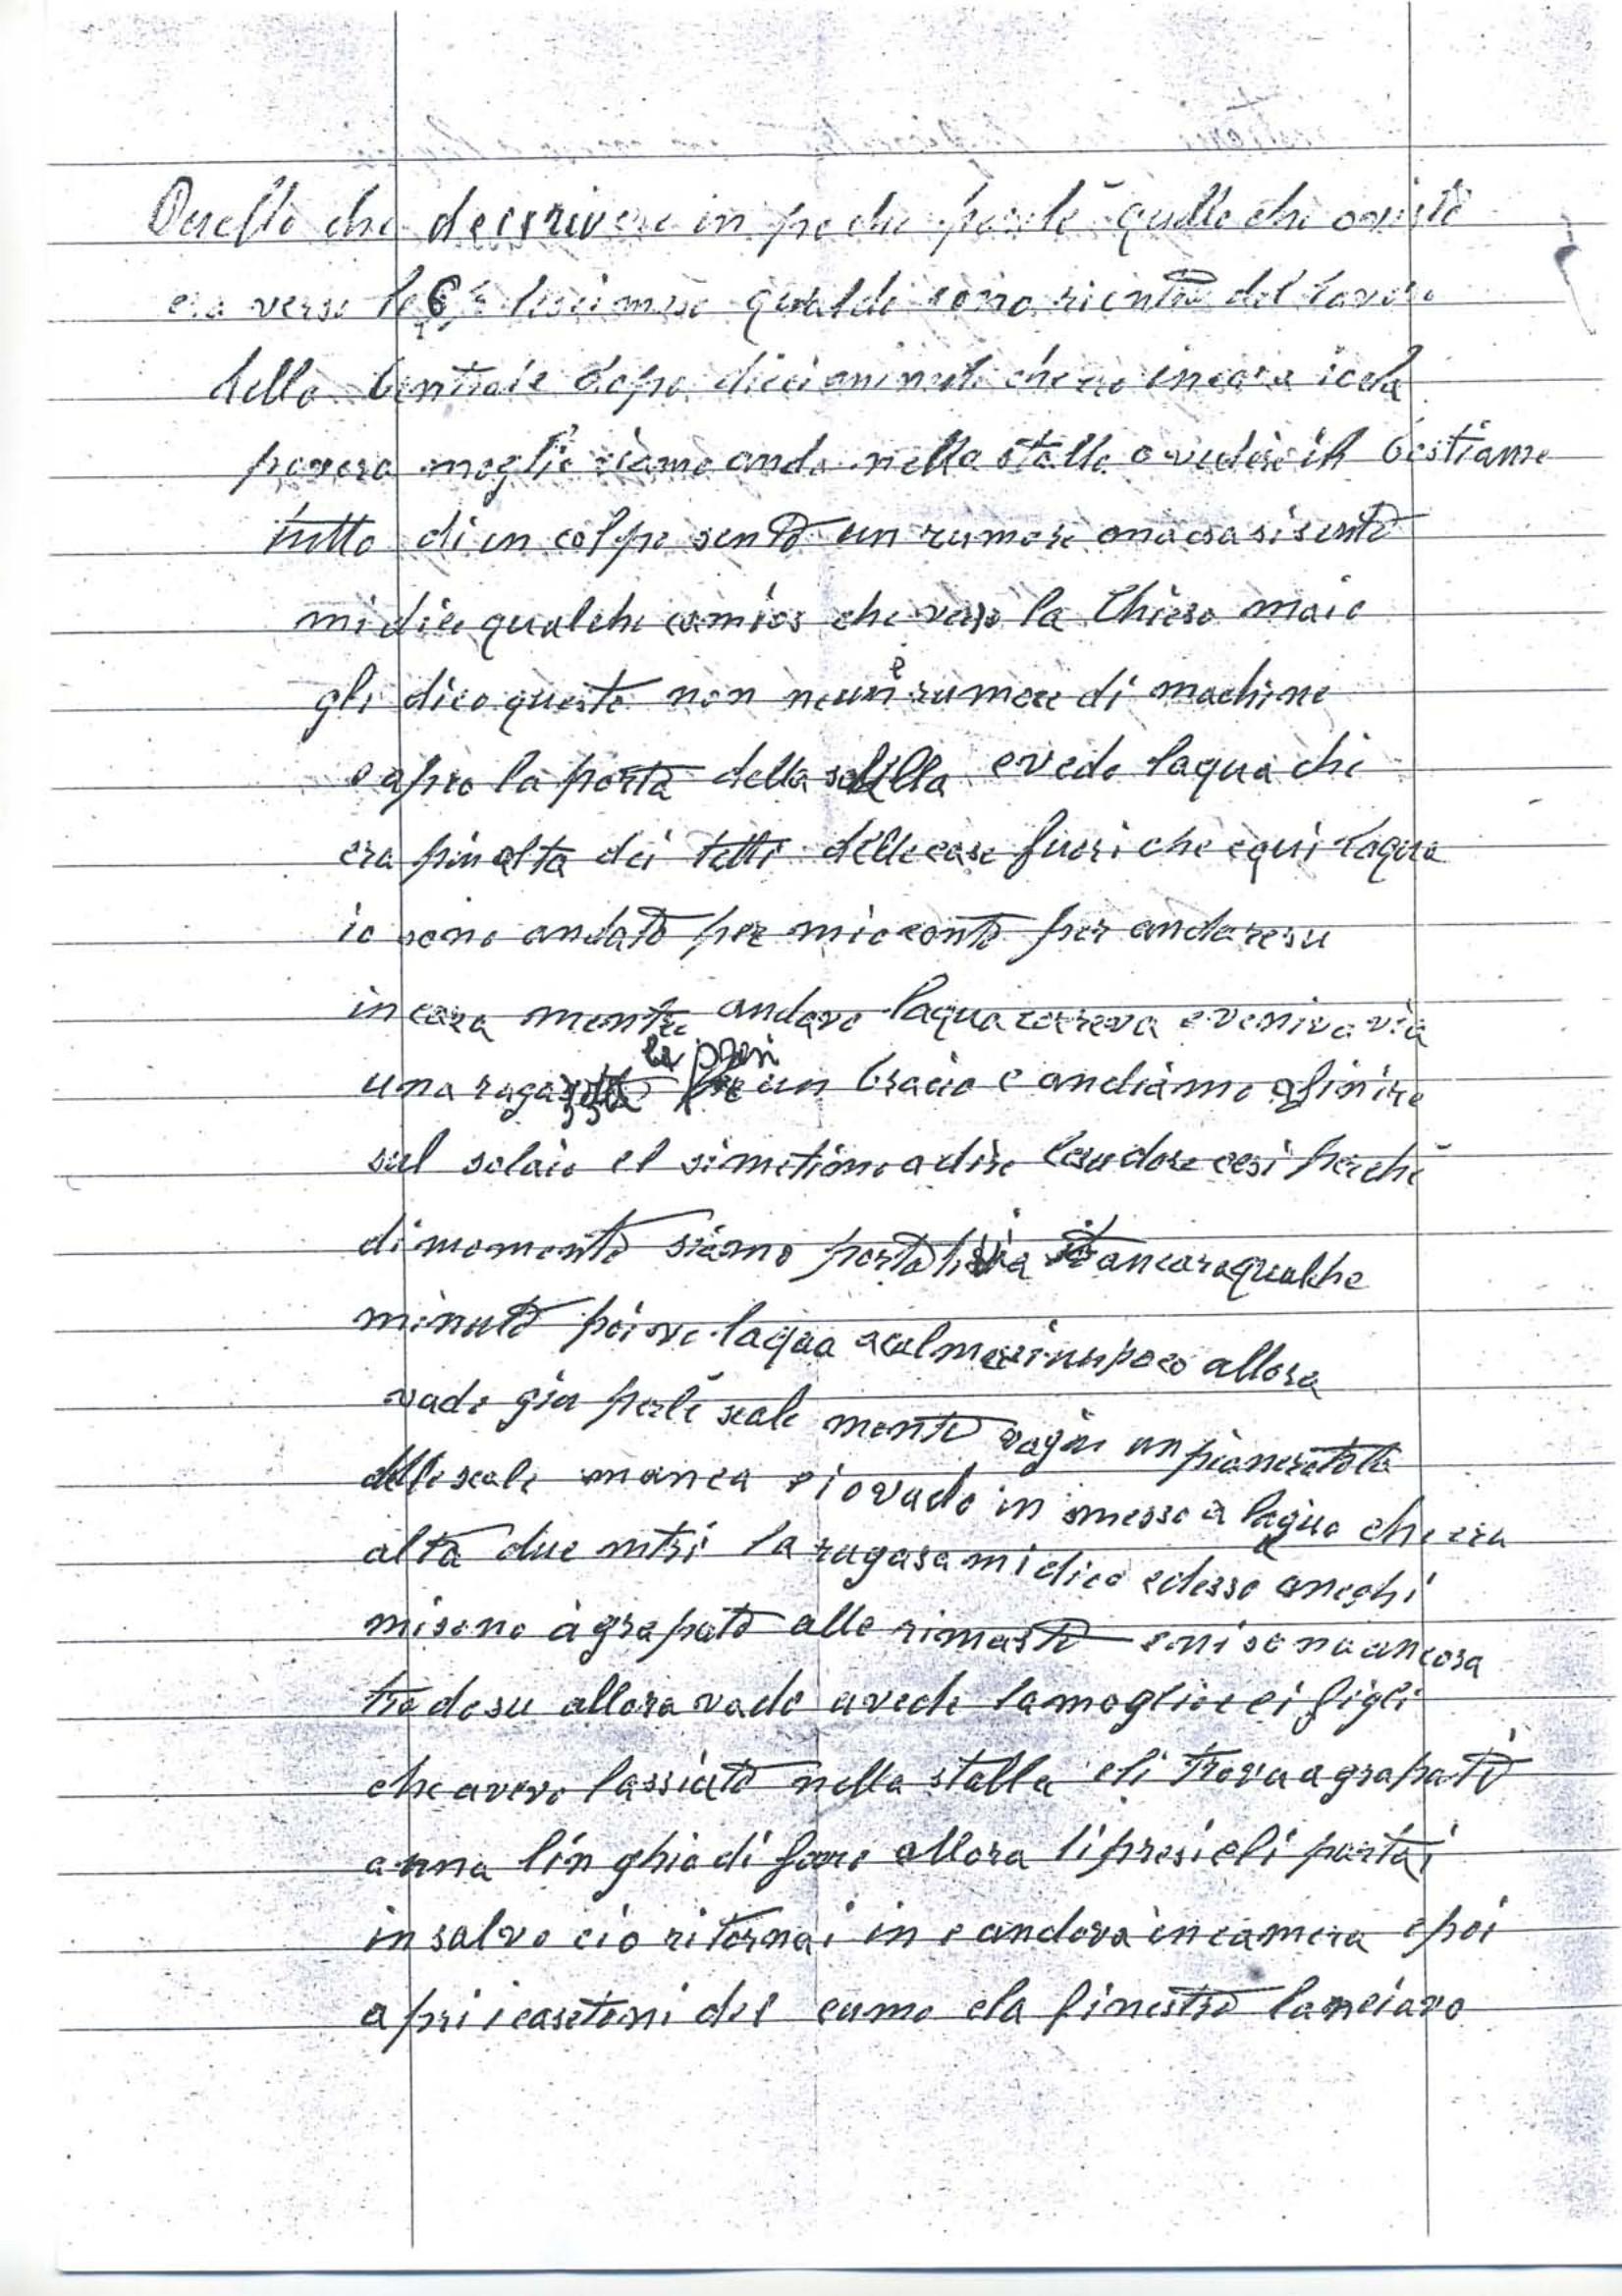 Lettera di Bettineschi Giacomo_01